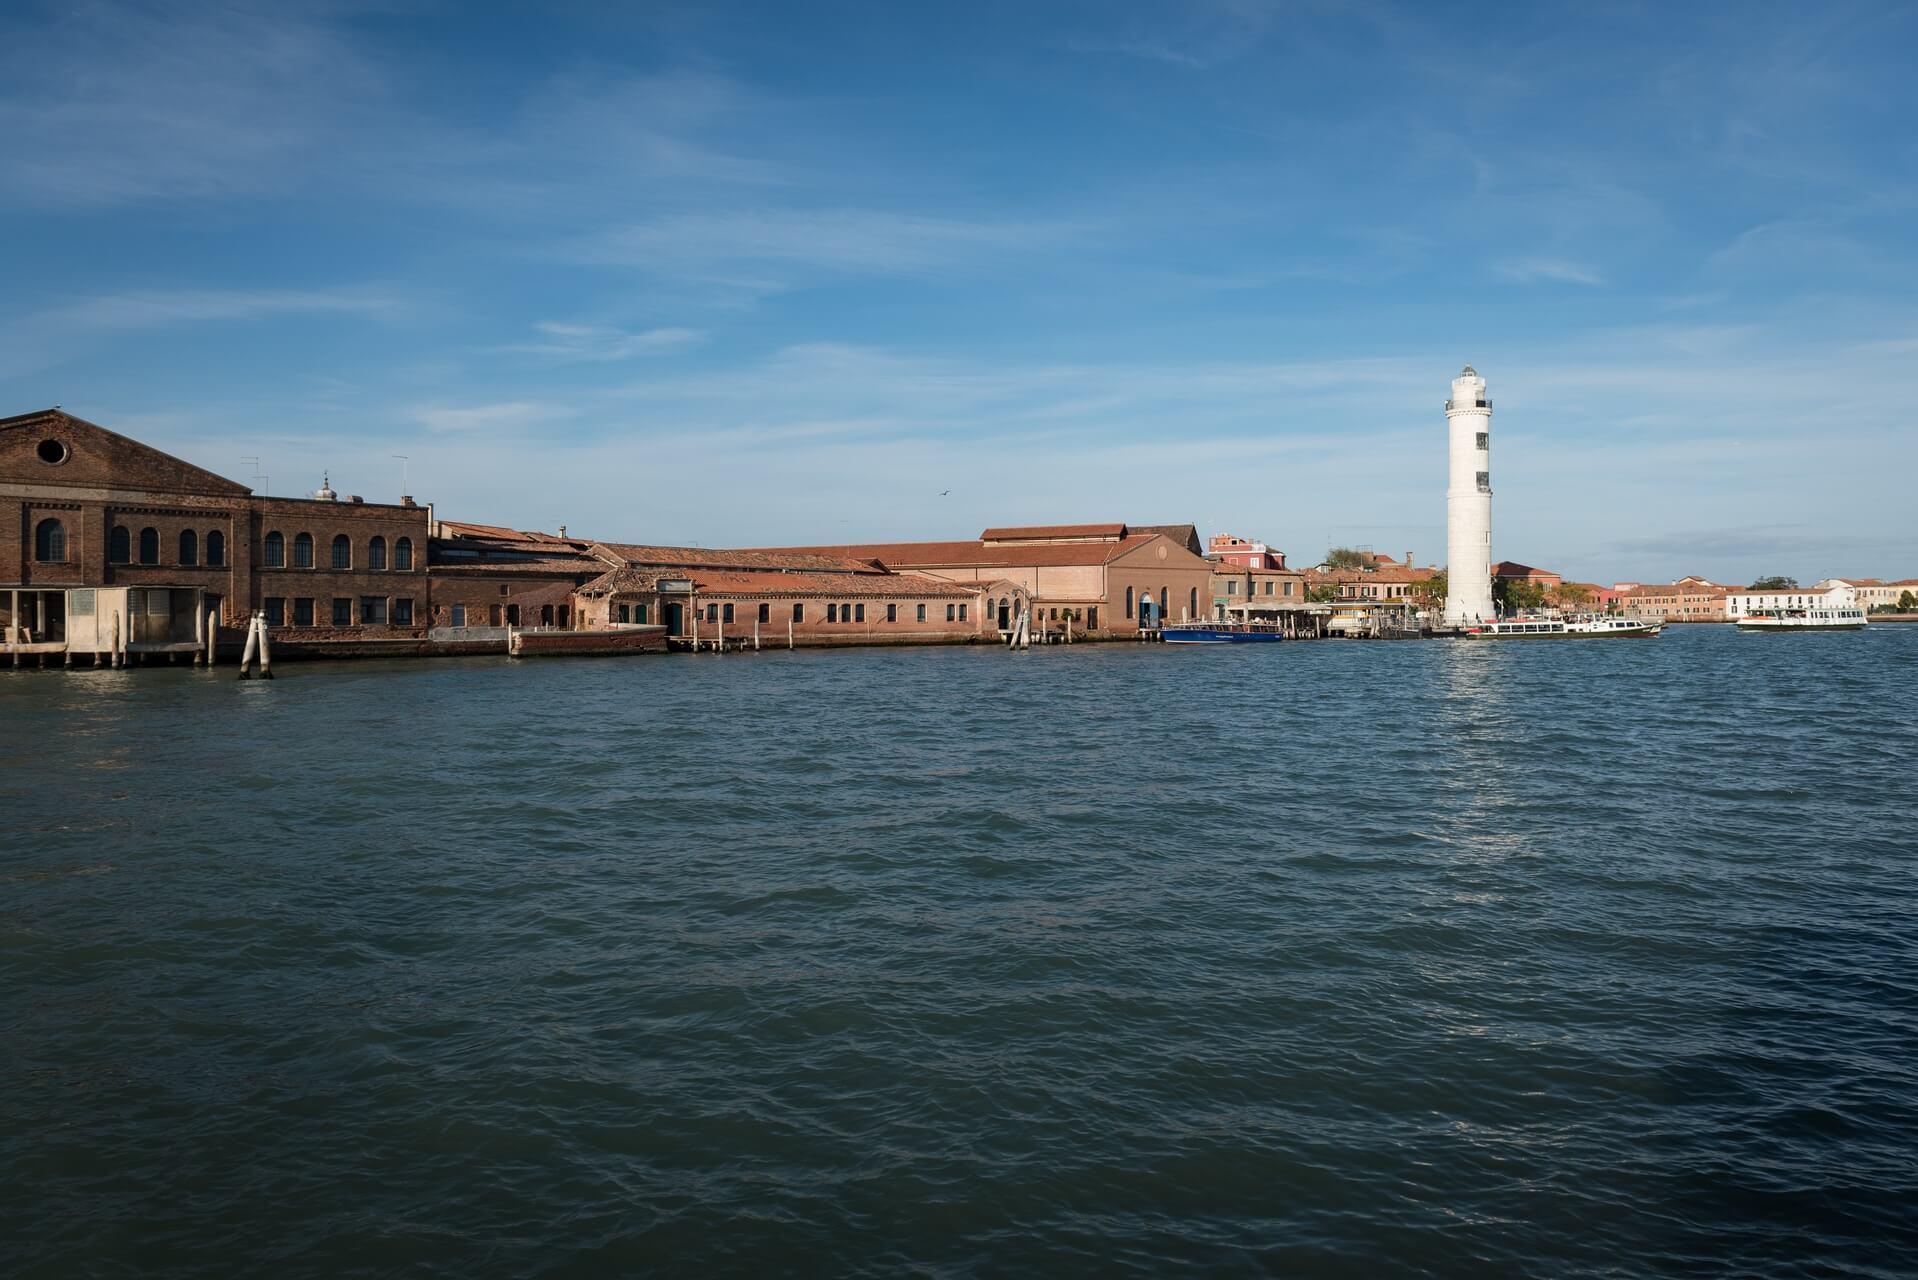 Italien: Laguna di Venezia - Murano, Fotograf: Steffen Lohse